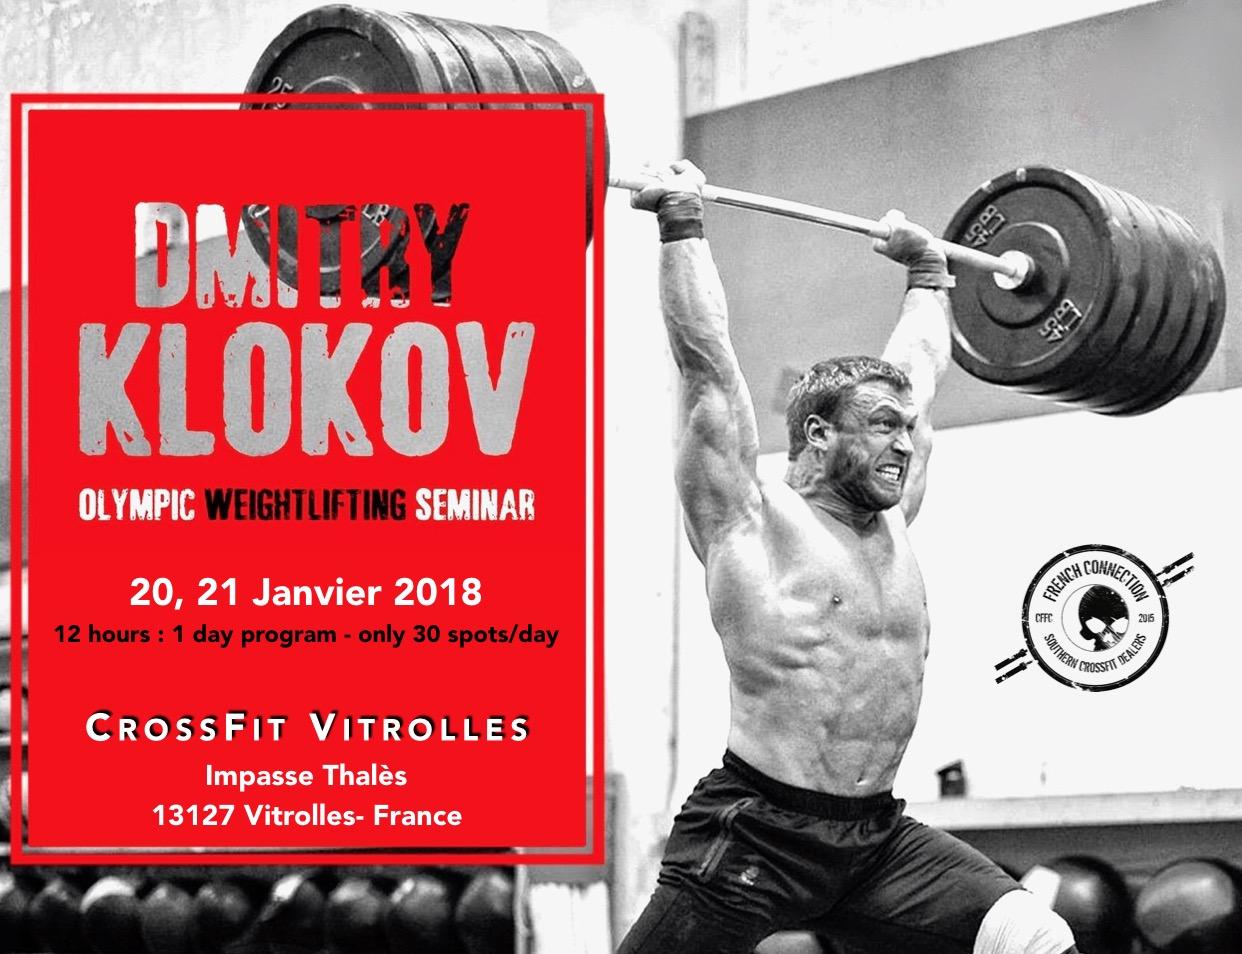 Dmitry Klokov chez CrossFit French Connection